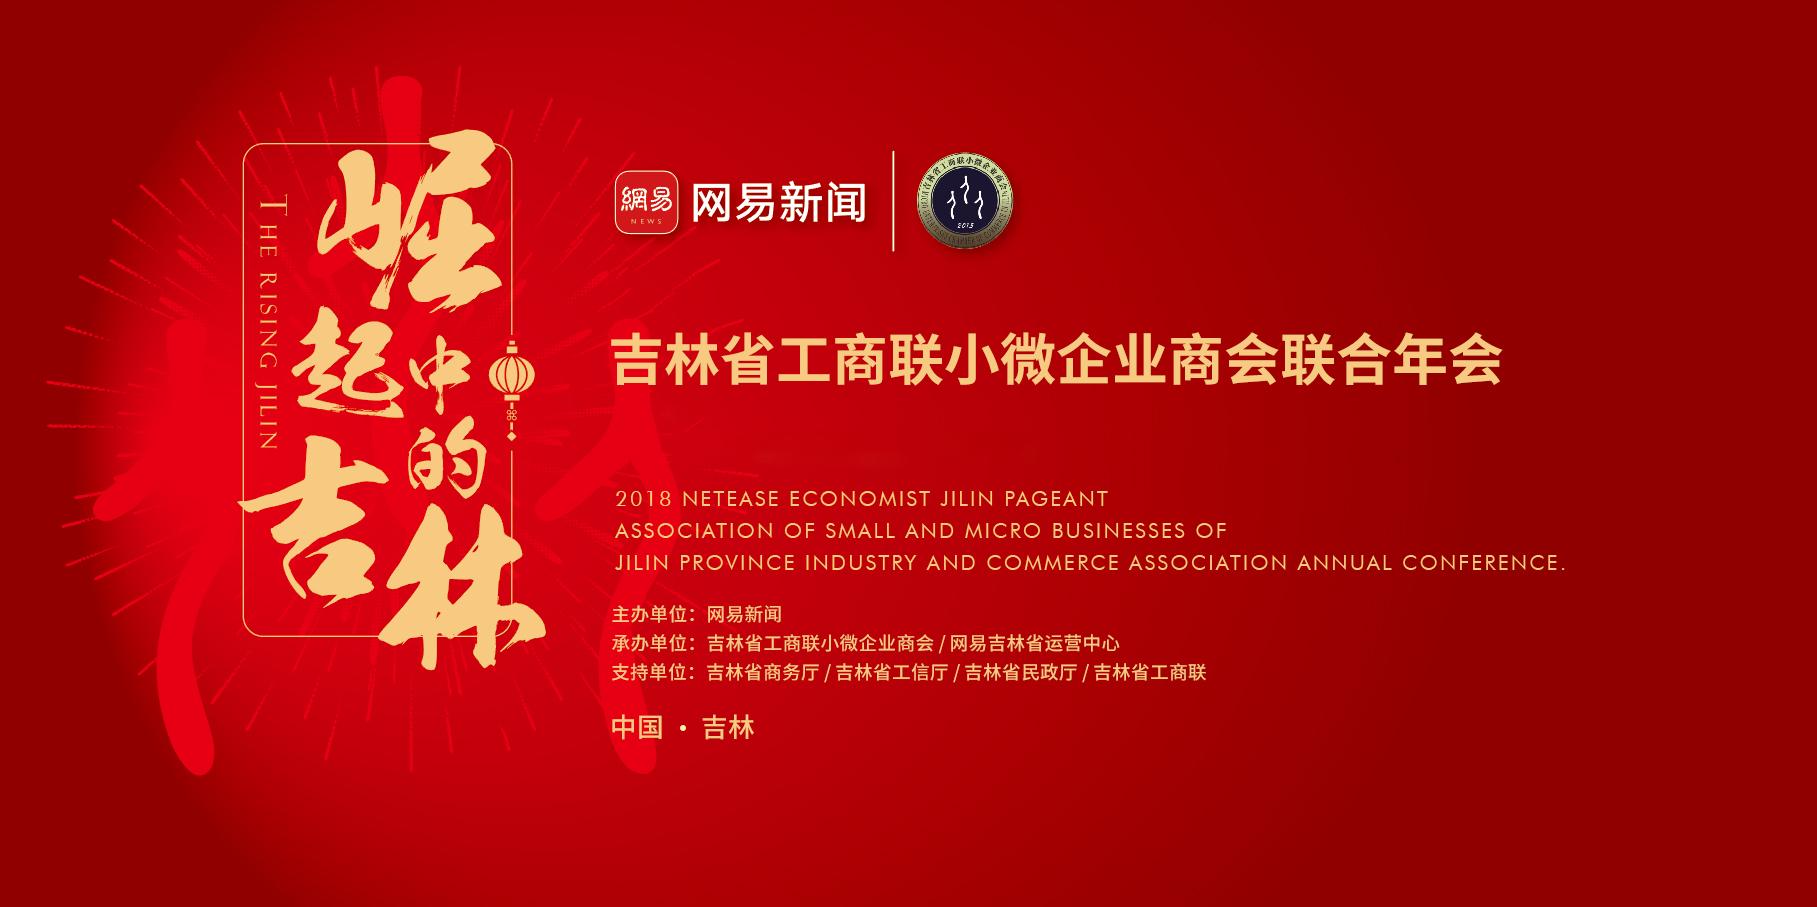 吉林省工商联小微企业商会联合年会